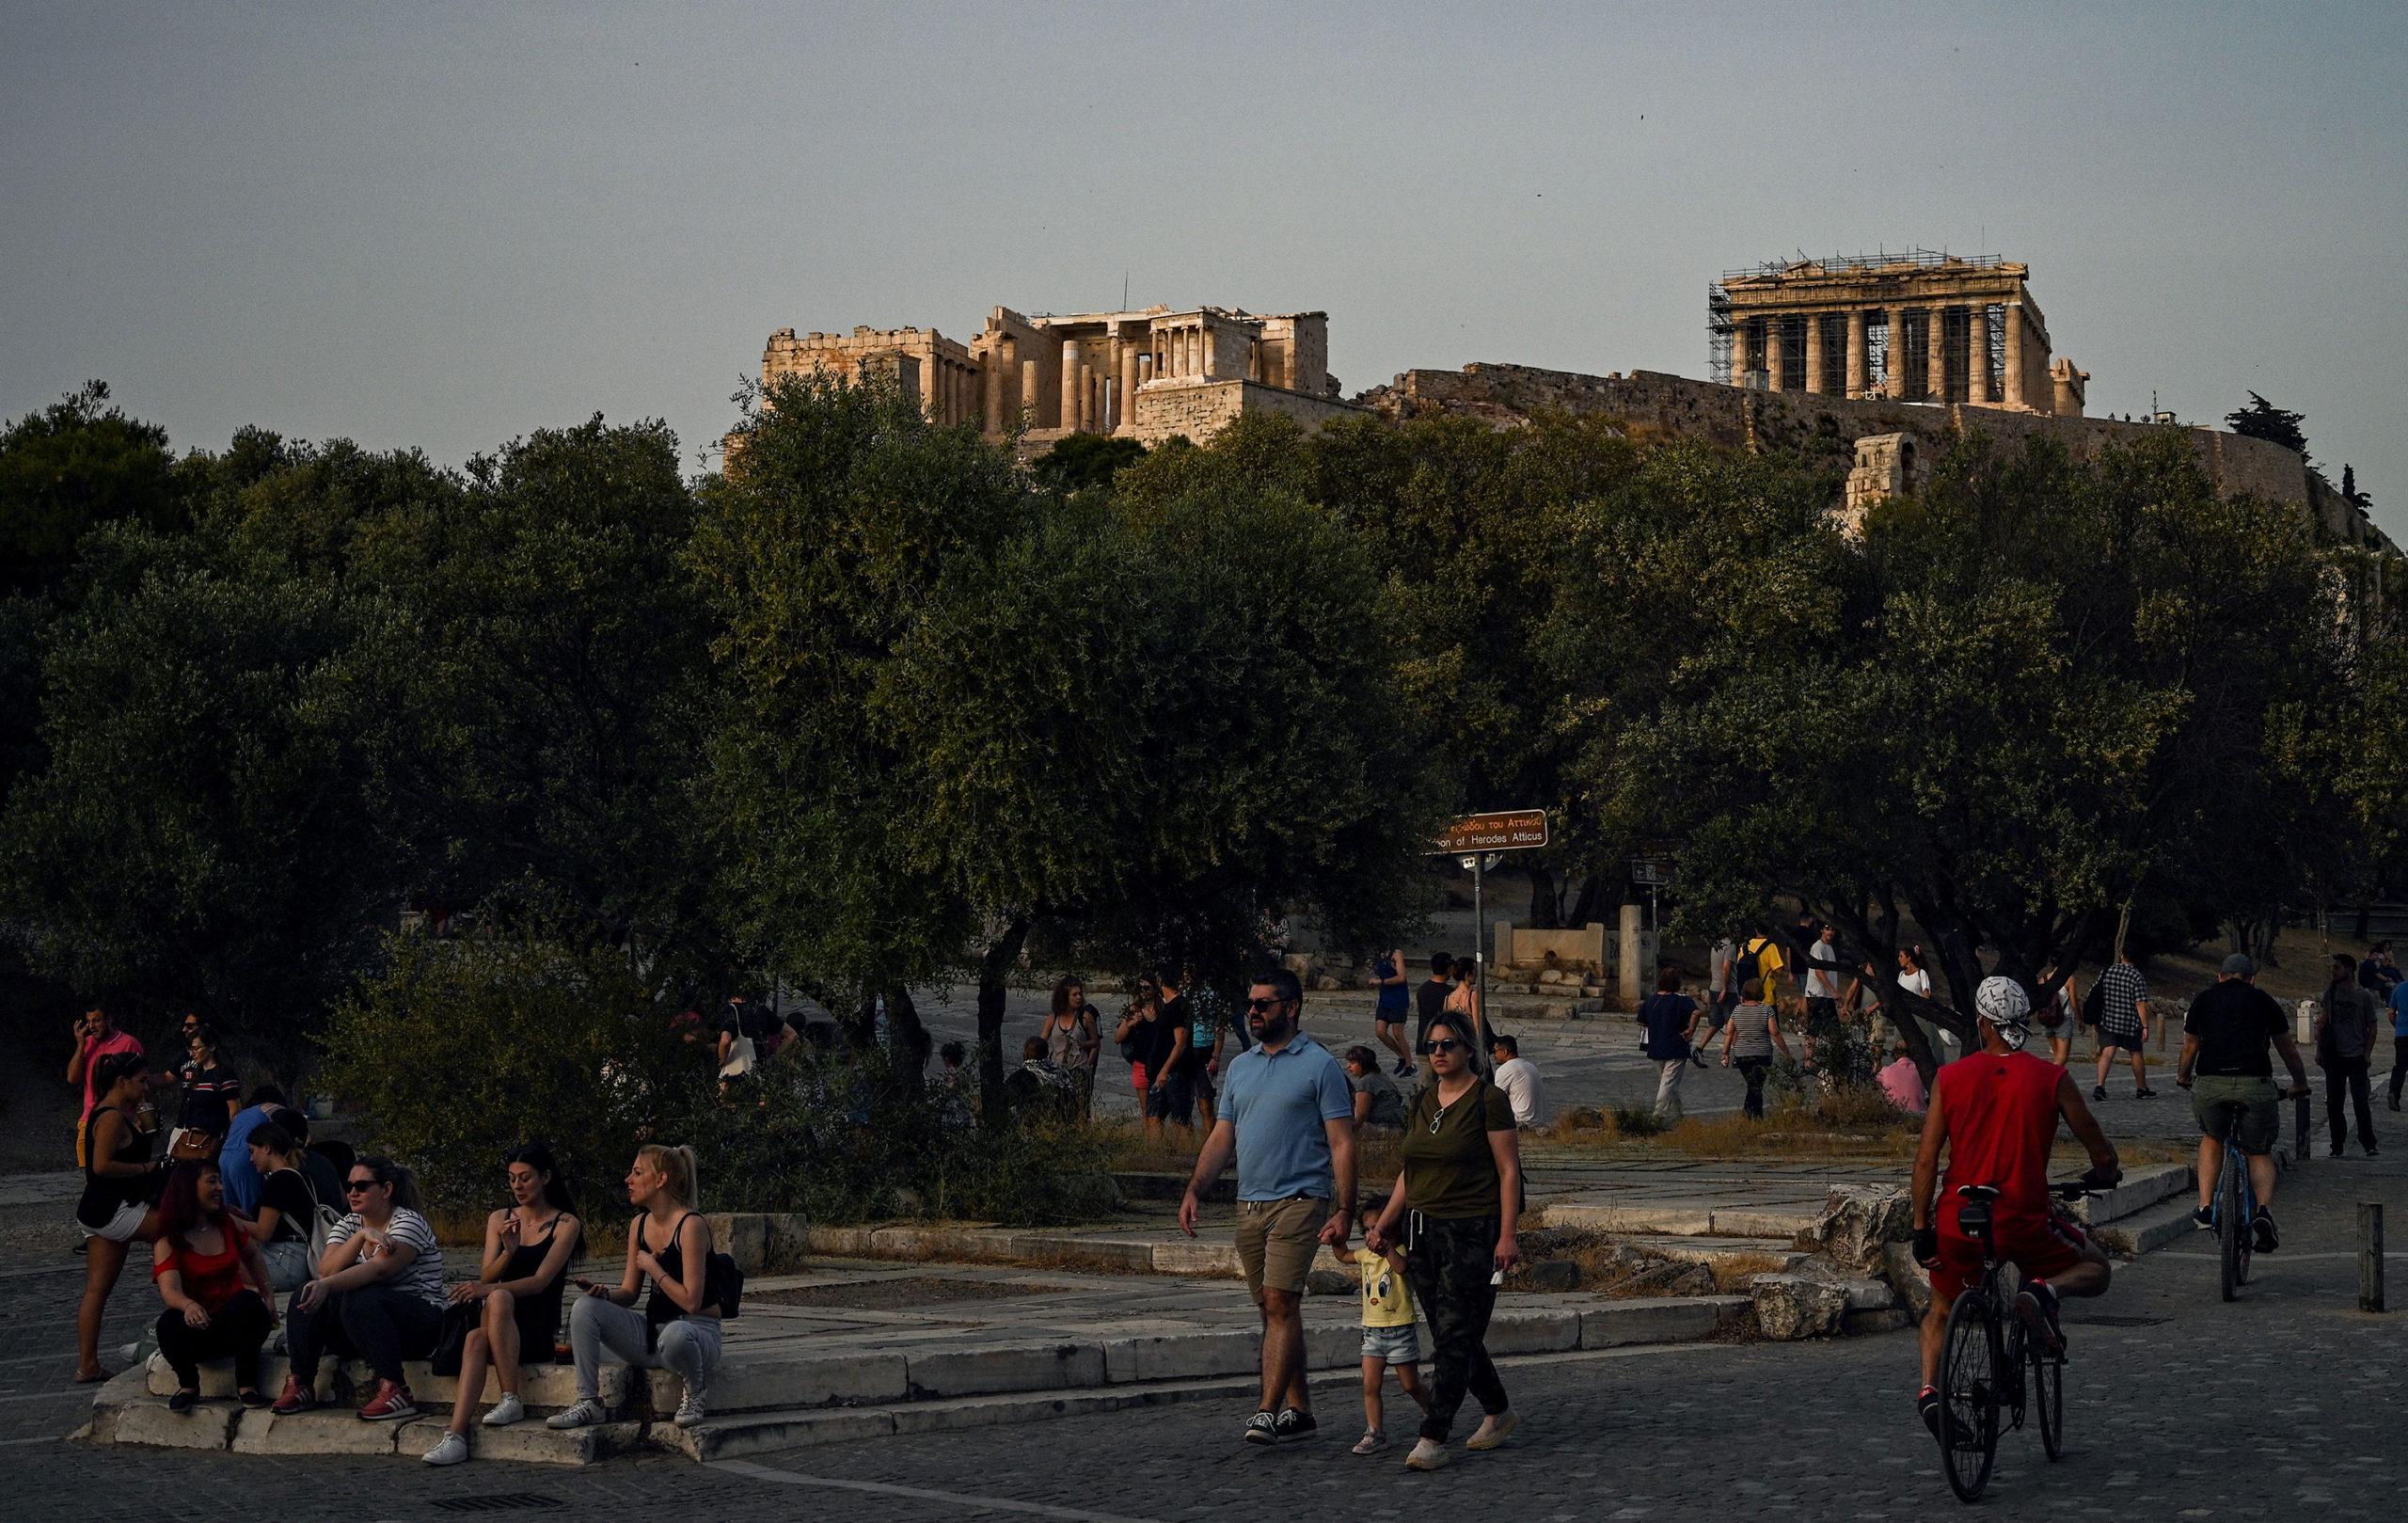 Lehtësimi i masave, rihapet për vizitorët një nga sitet më të famshme kulturore të Greqisë